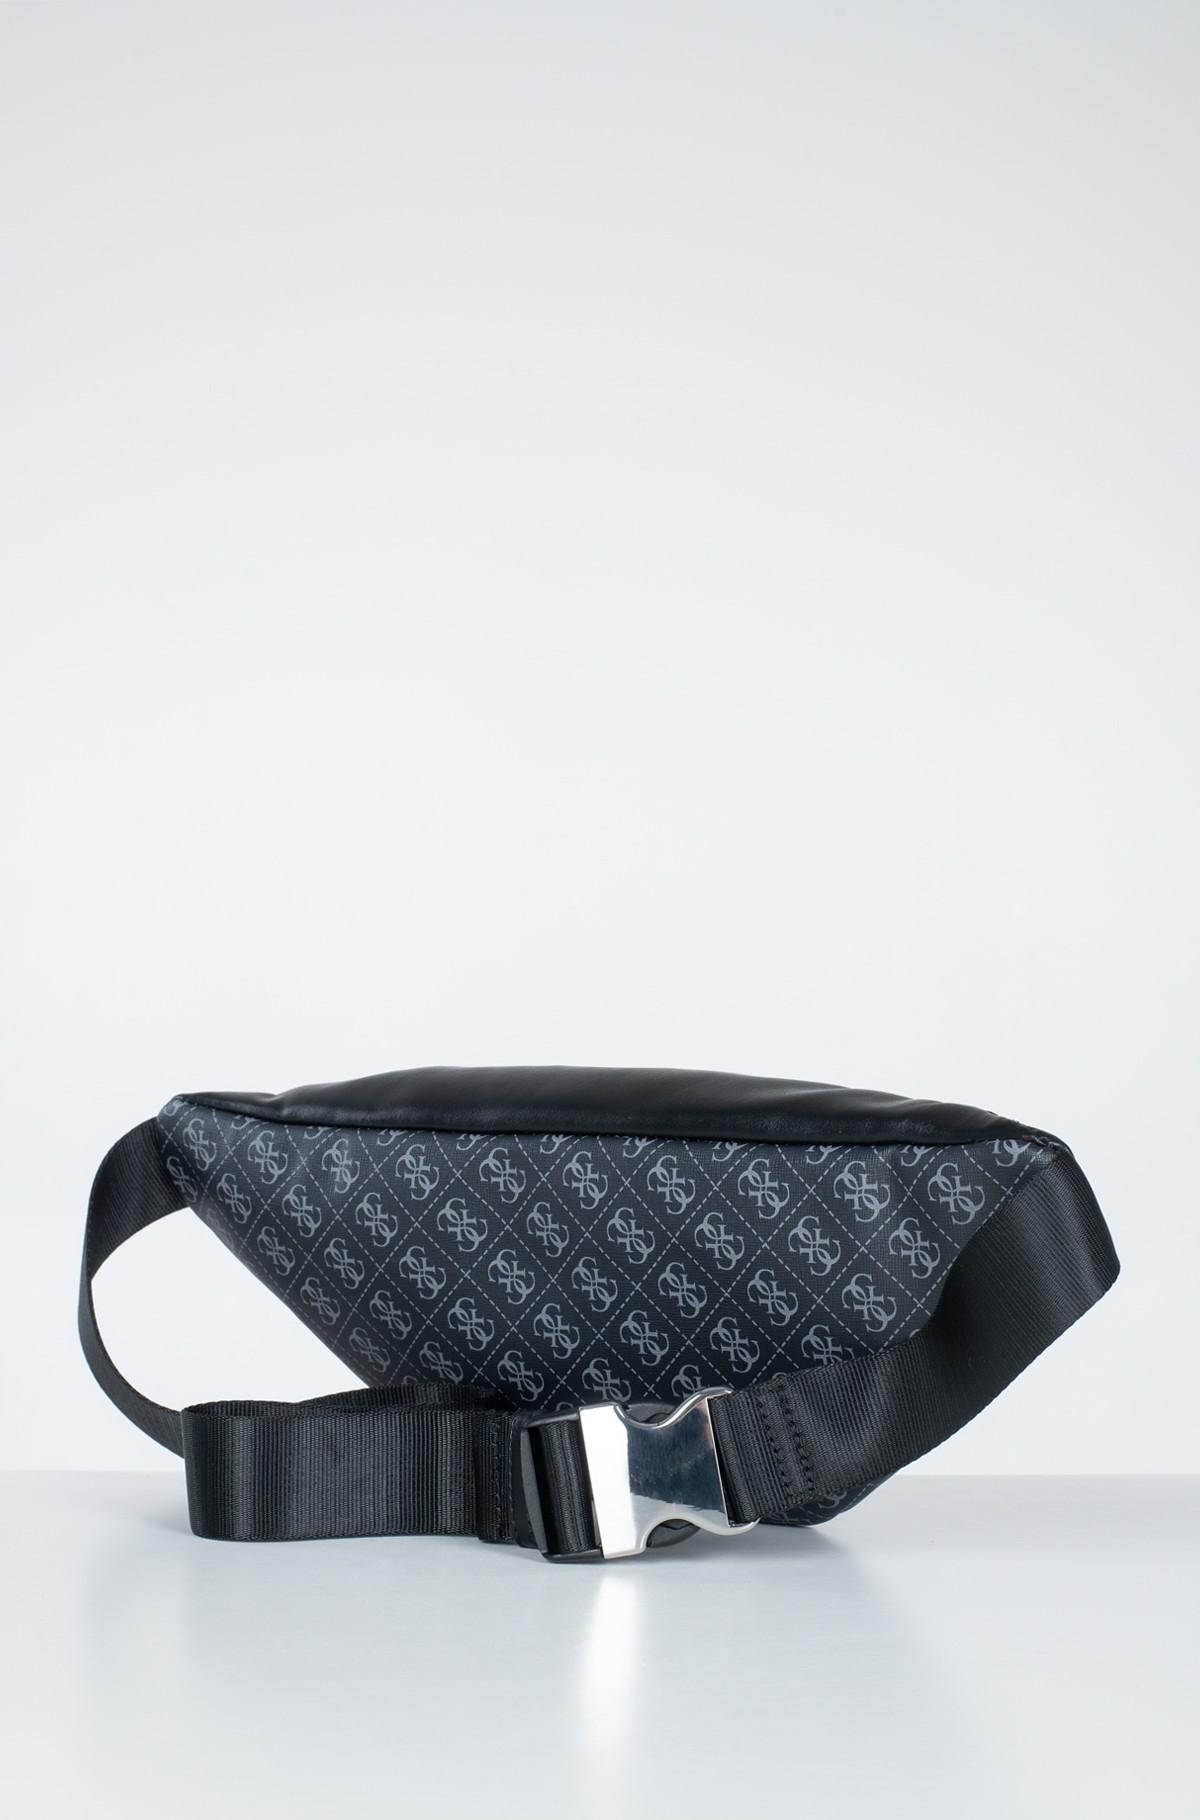 Belt bag HM6849 PL201-full-2